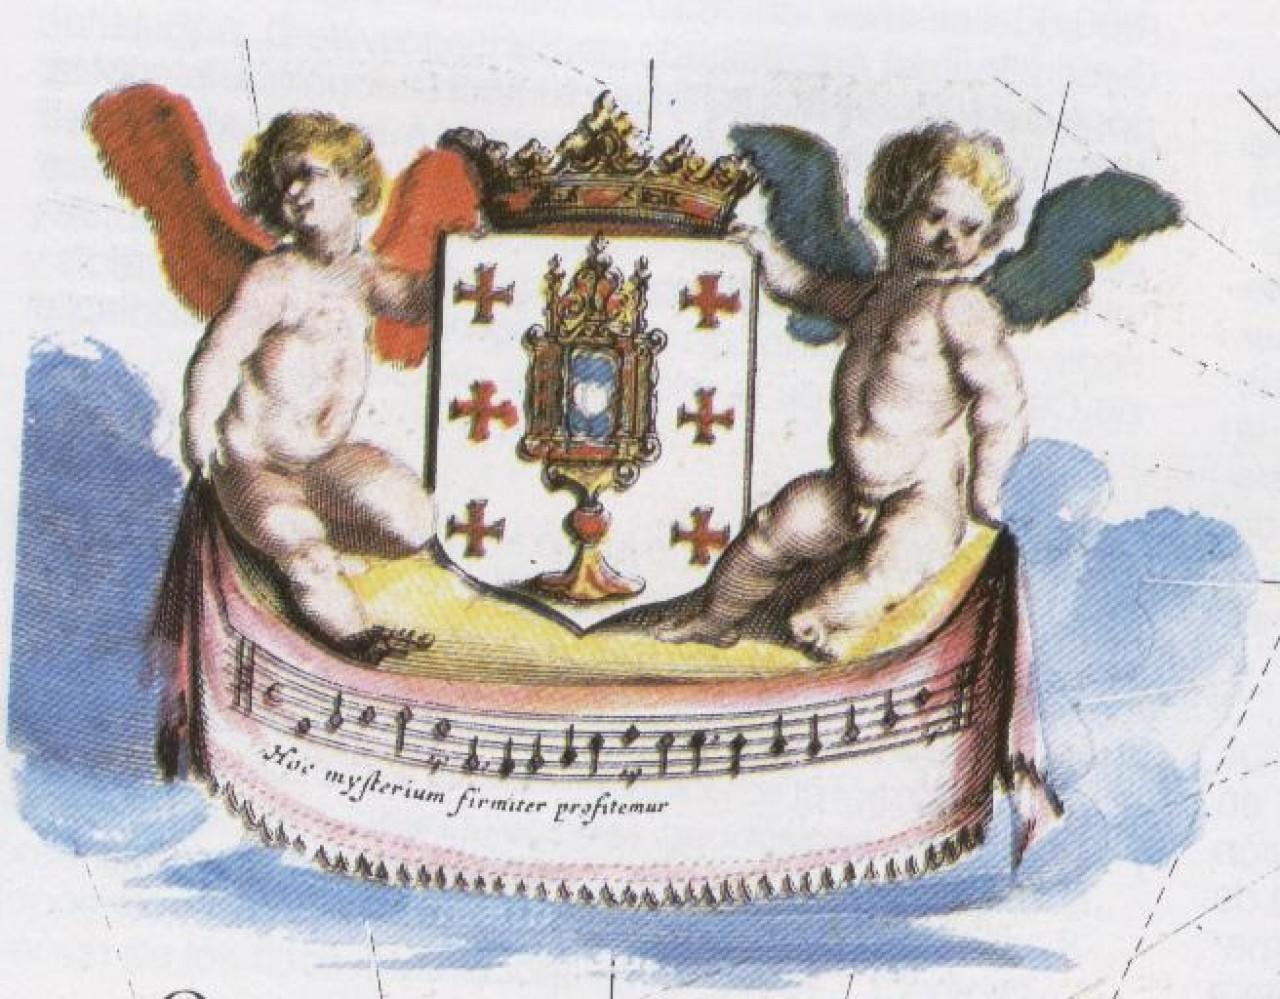 santo-graal-no-escudo-galicia